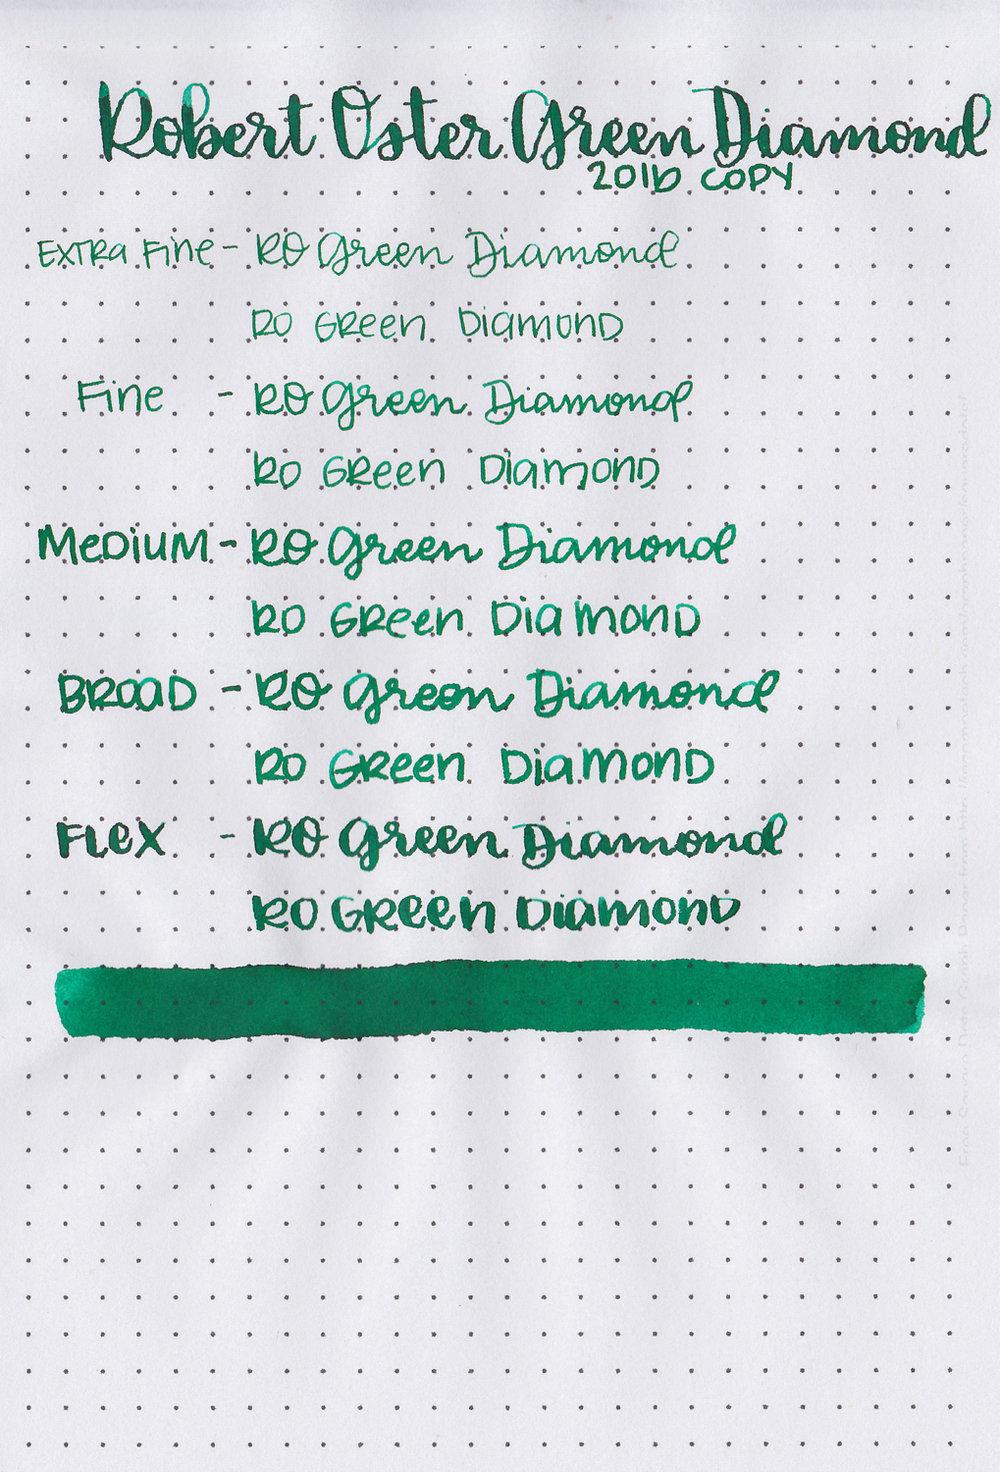 ROGreenDiamond-11.jpg